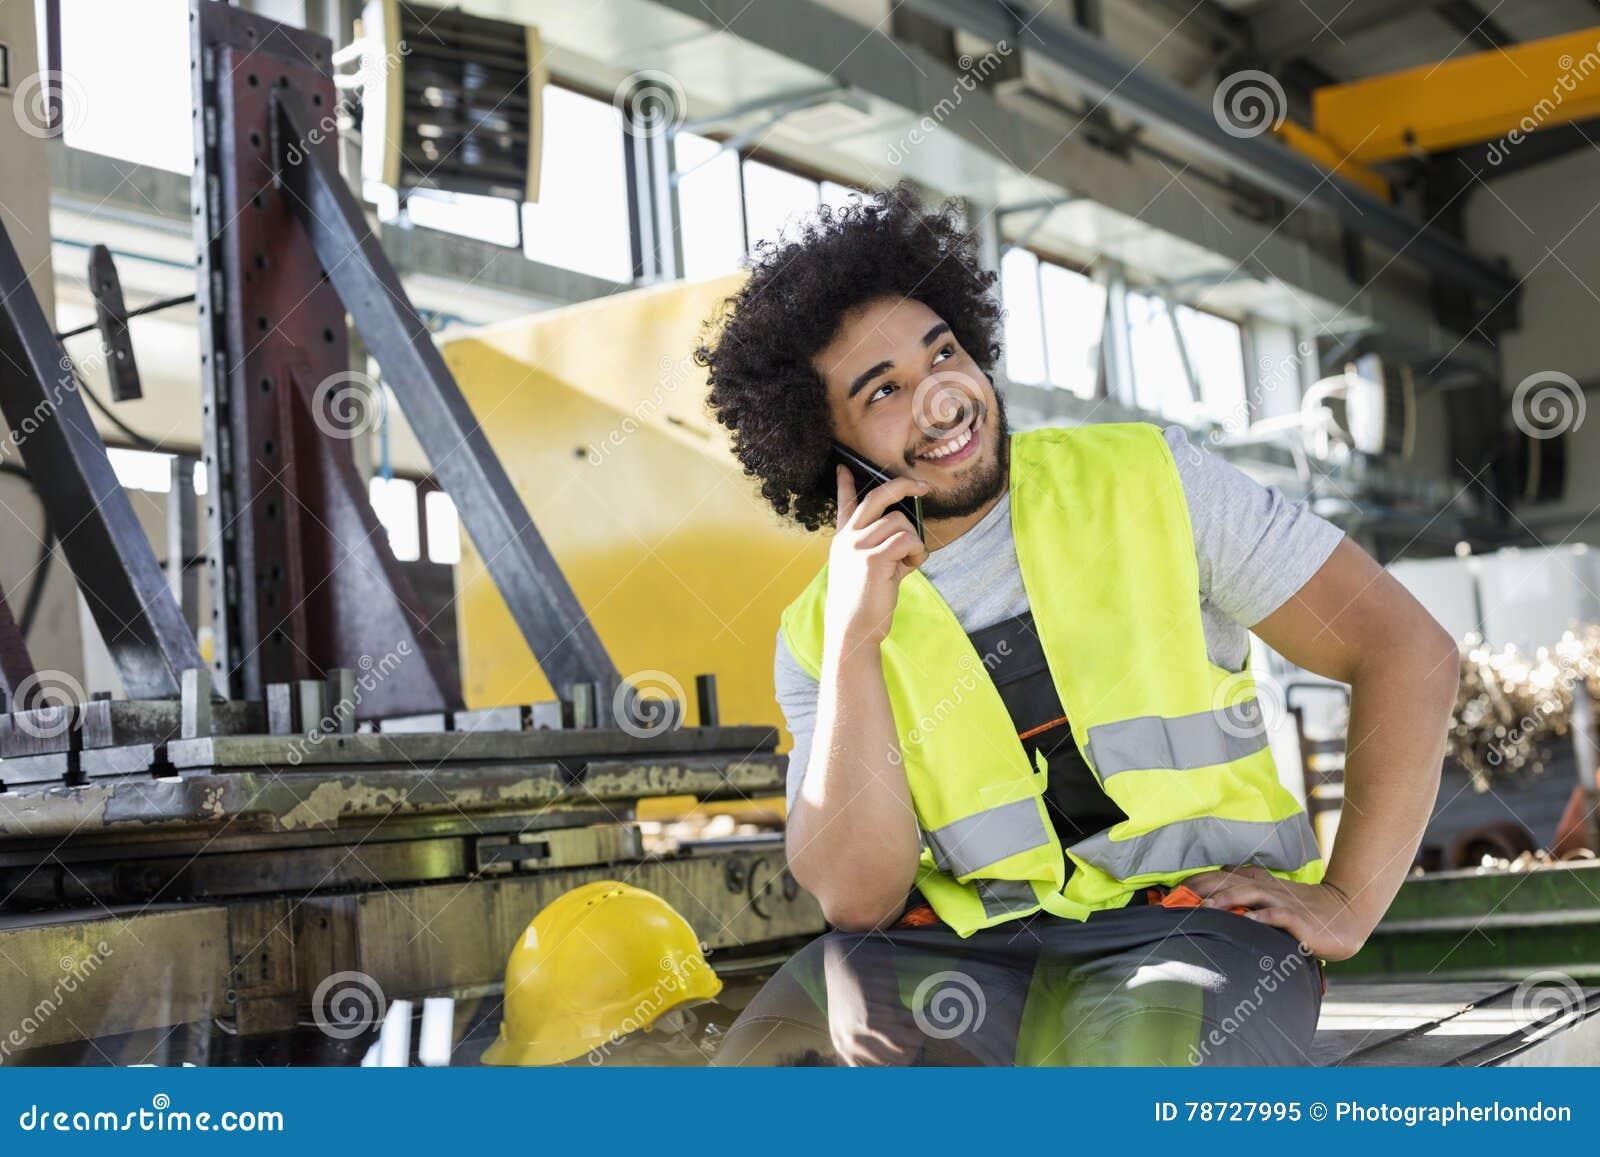 Ung manuell arbetare som talar på mobiltelefonen i metallbransch